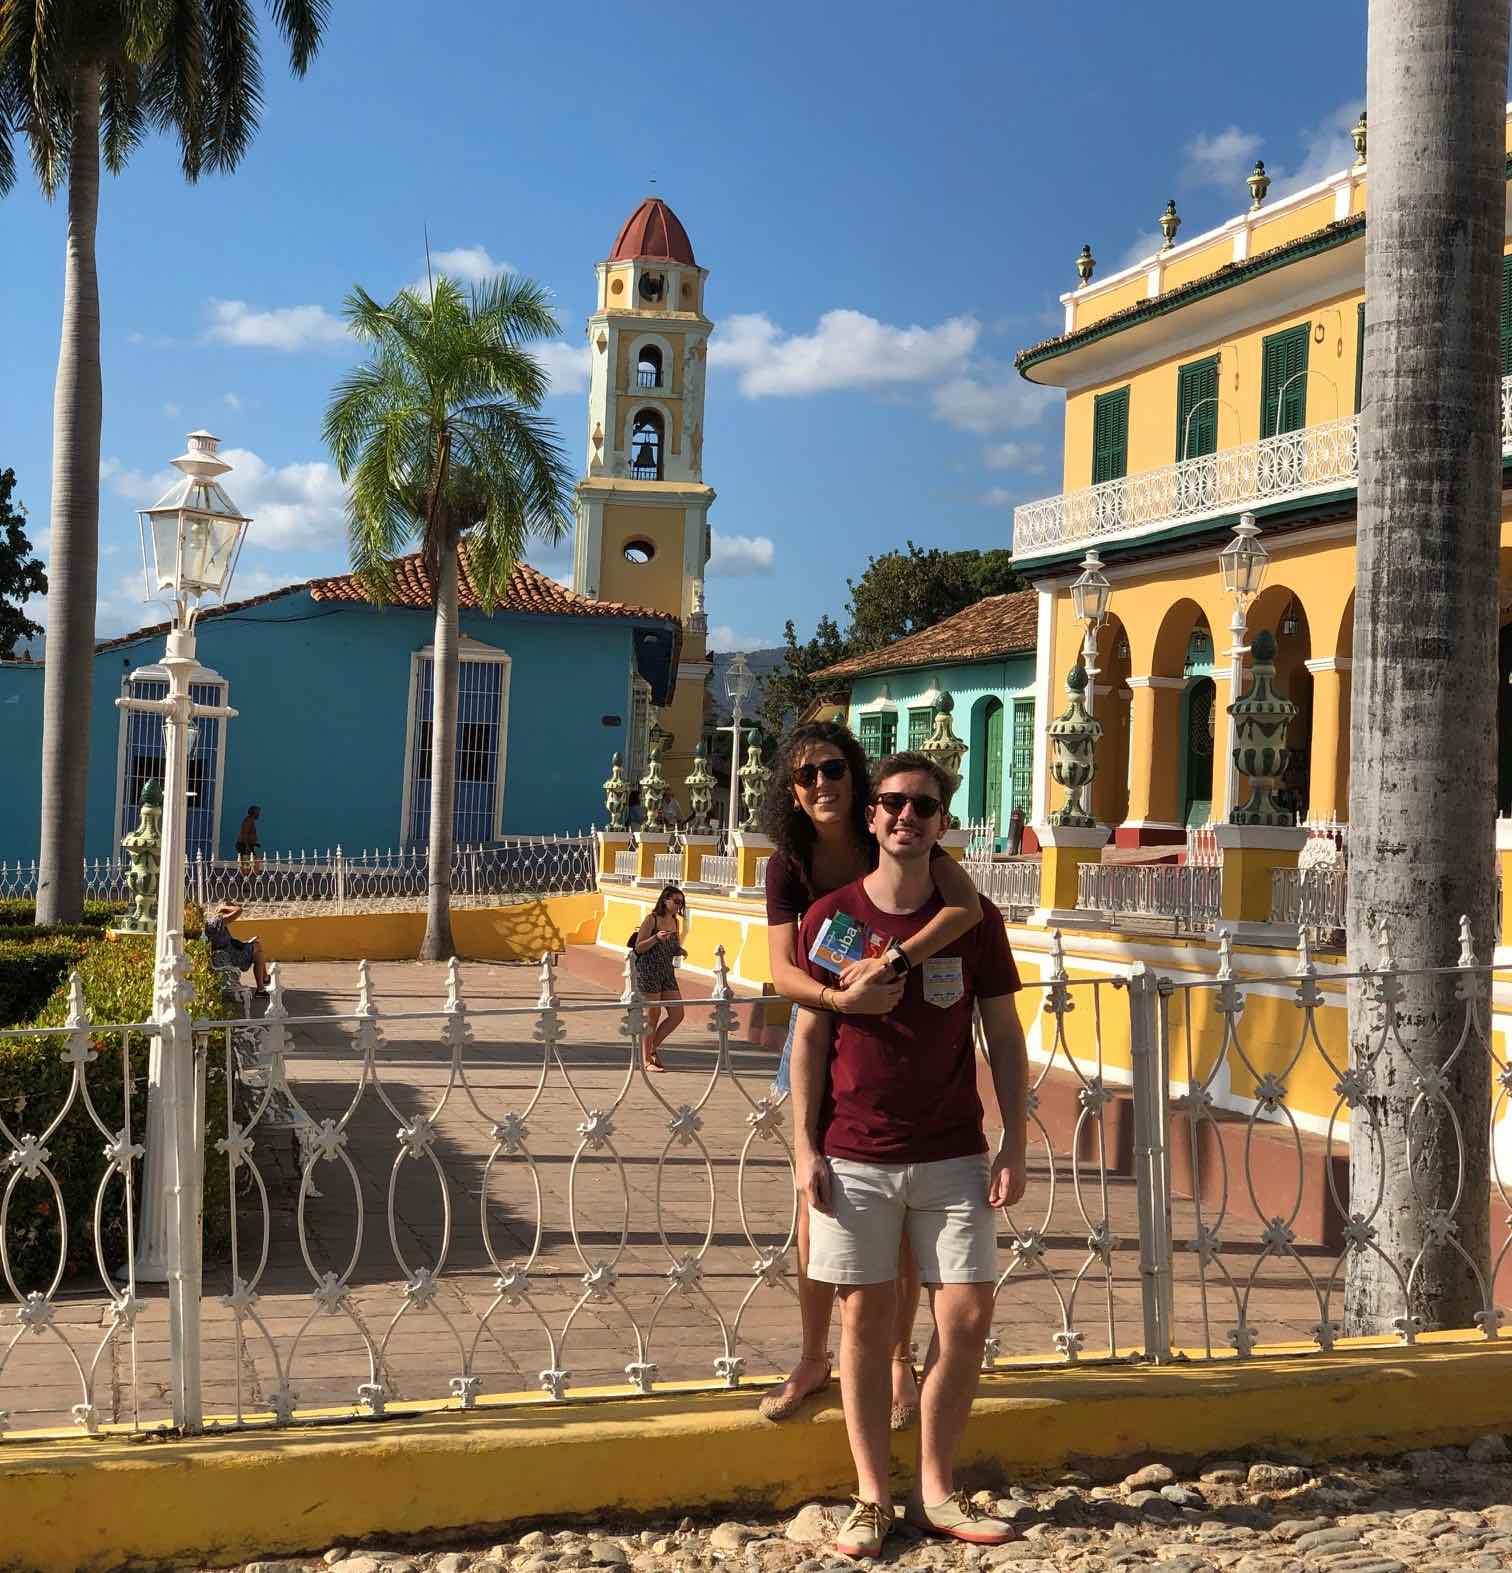 Ruta por Cuba - Trinidad